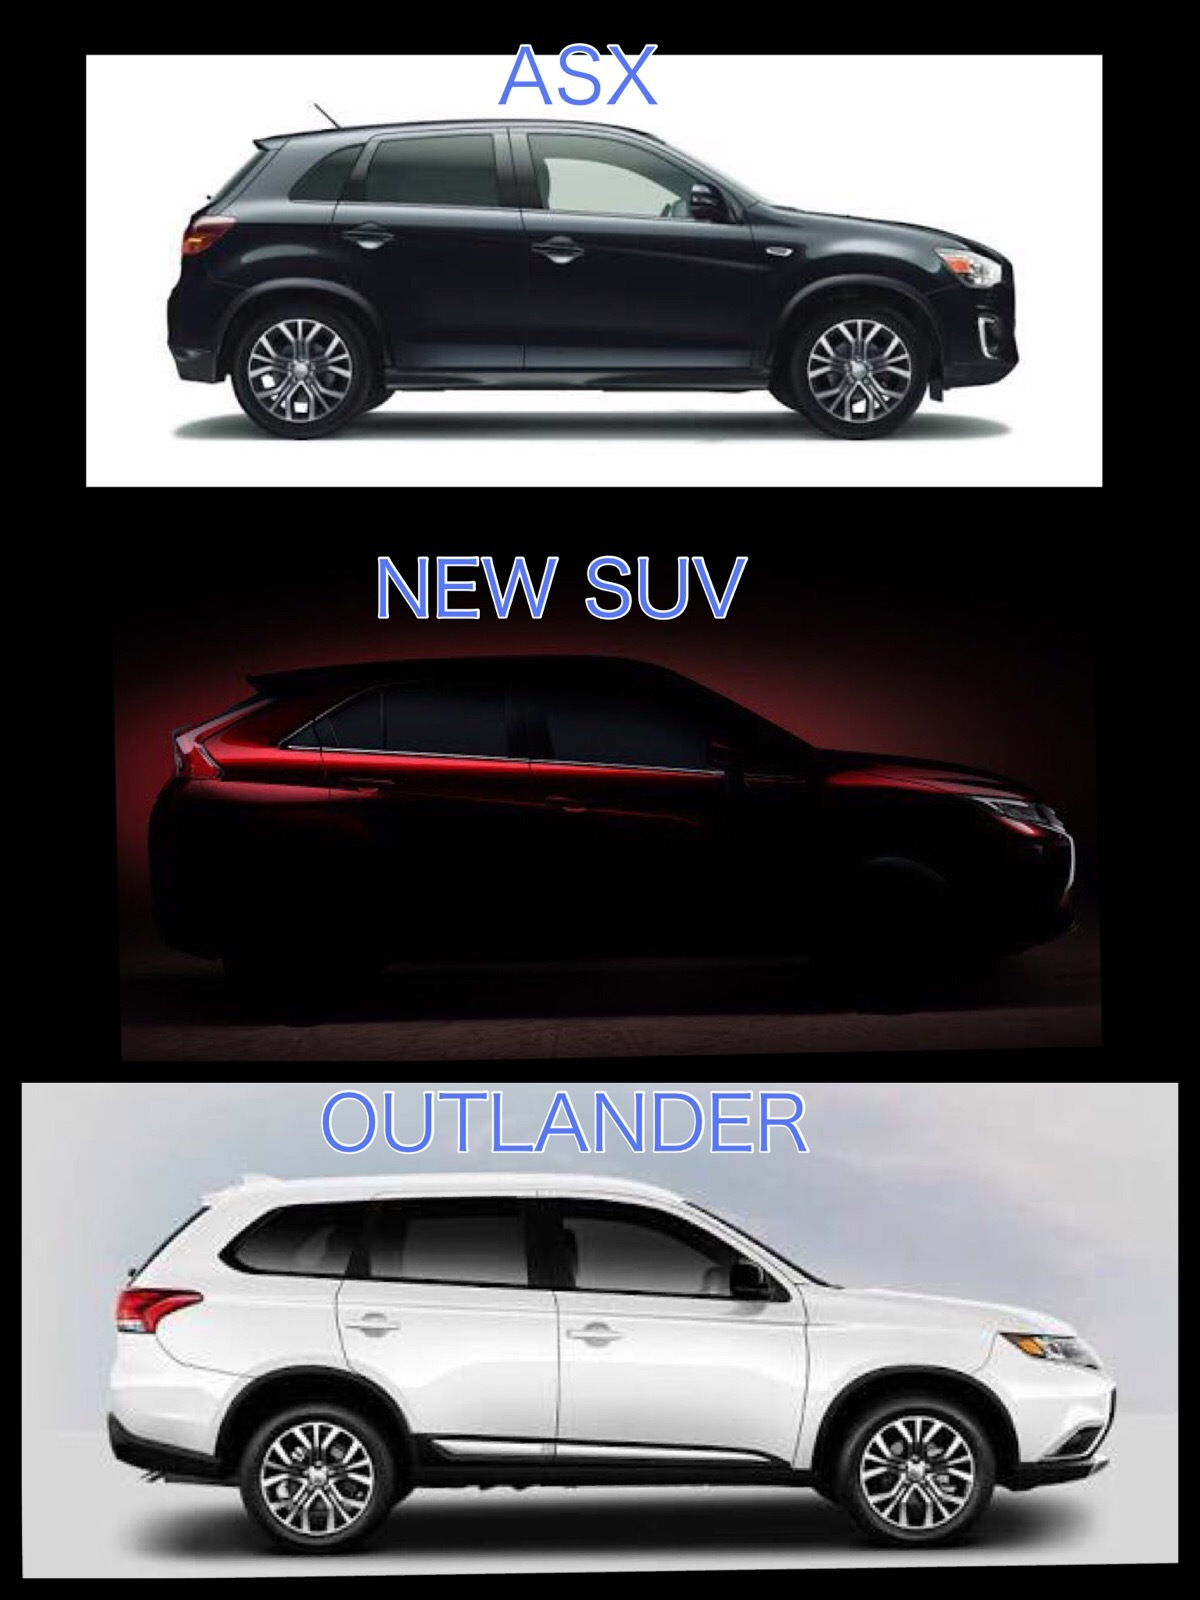 三菱新型SUV クーペ 2017 ASX アウトランダー比較